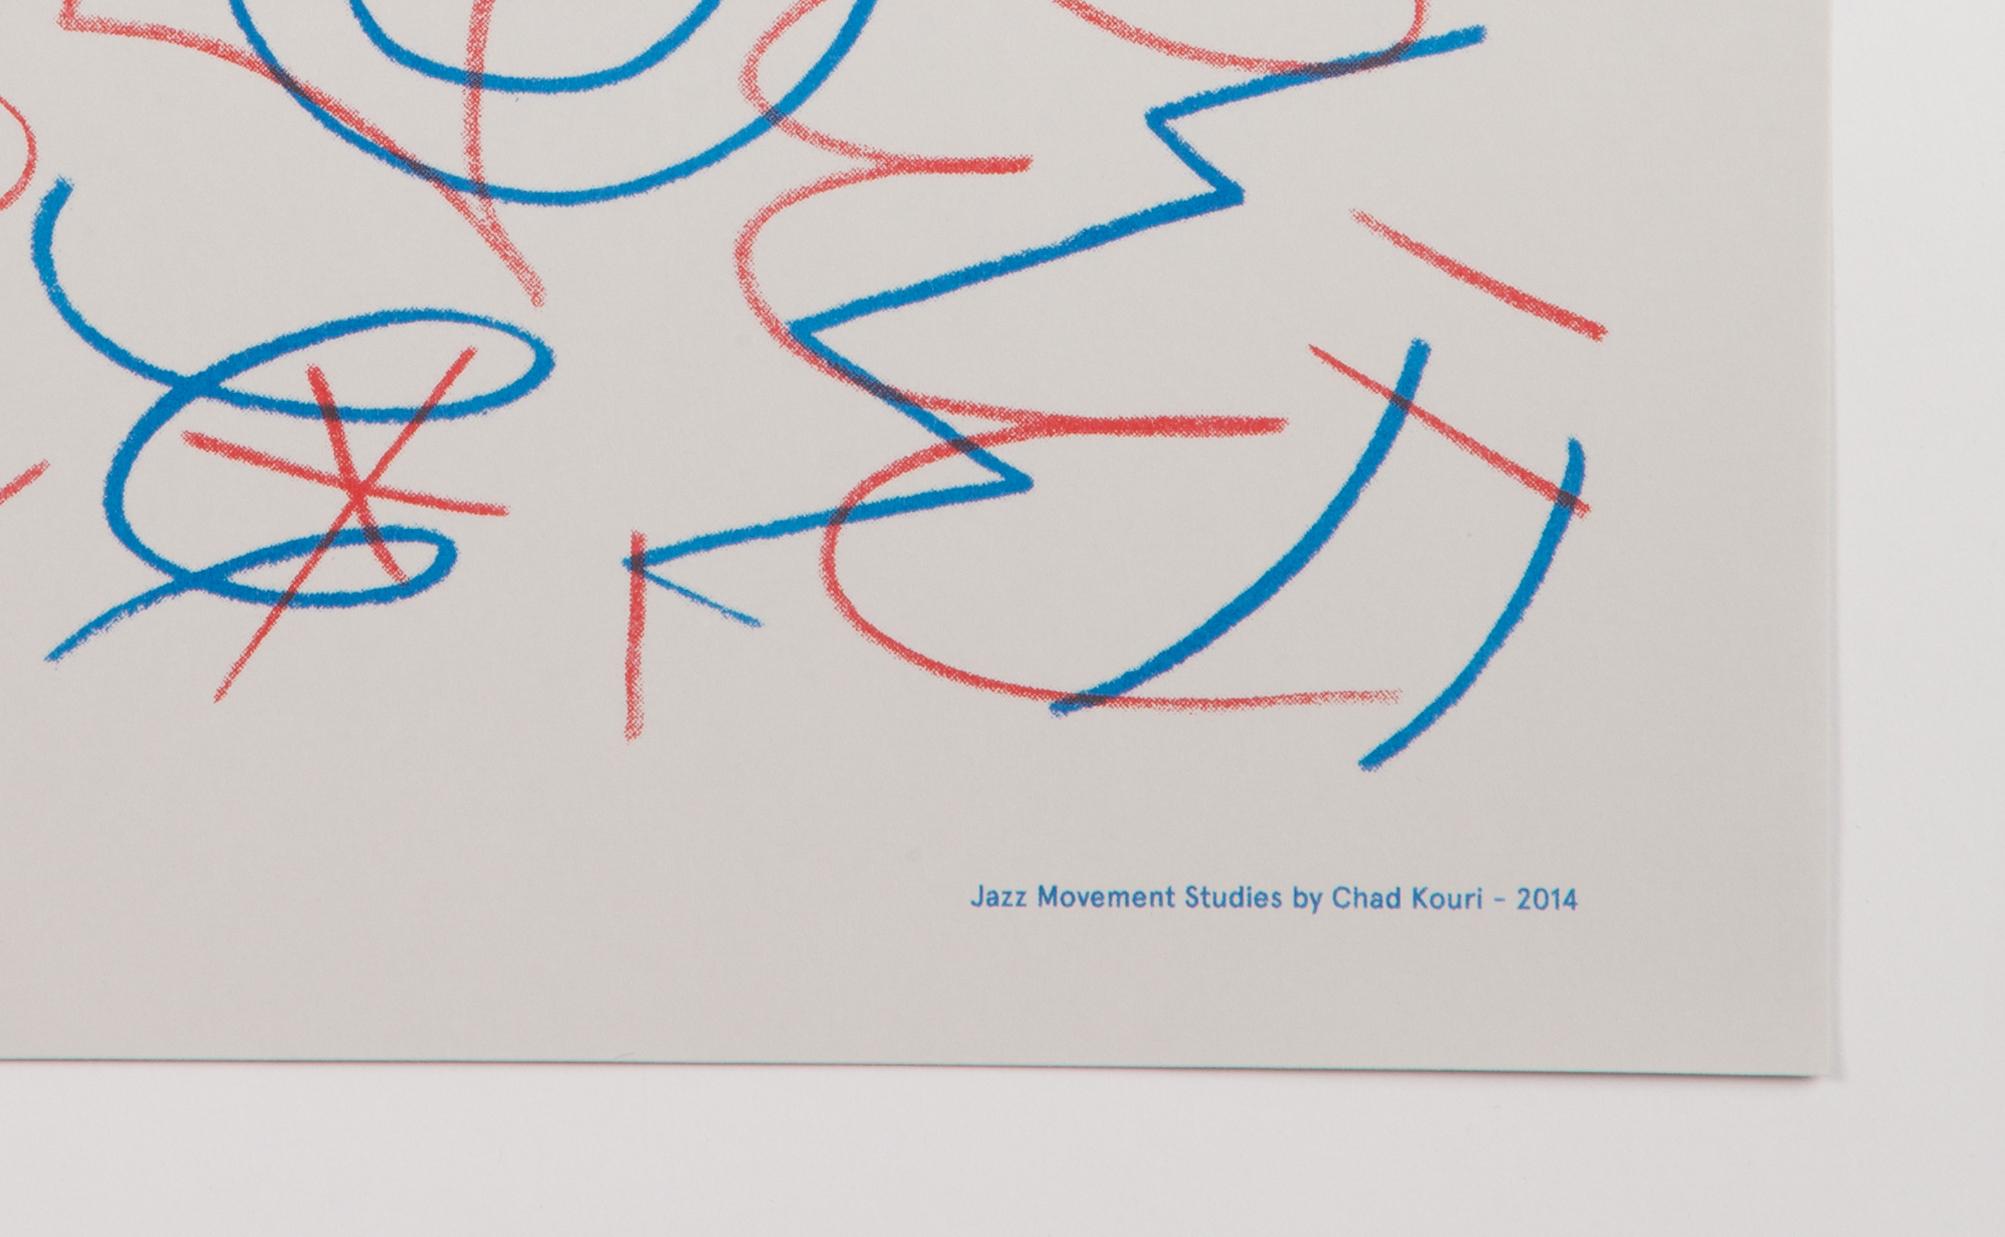 chad_art-1533-jazzmovementstudy-risograph-creditdetail